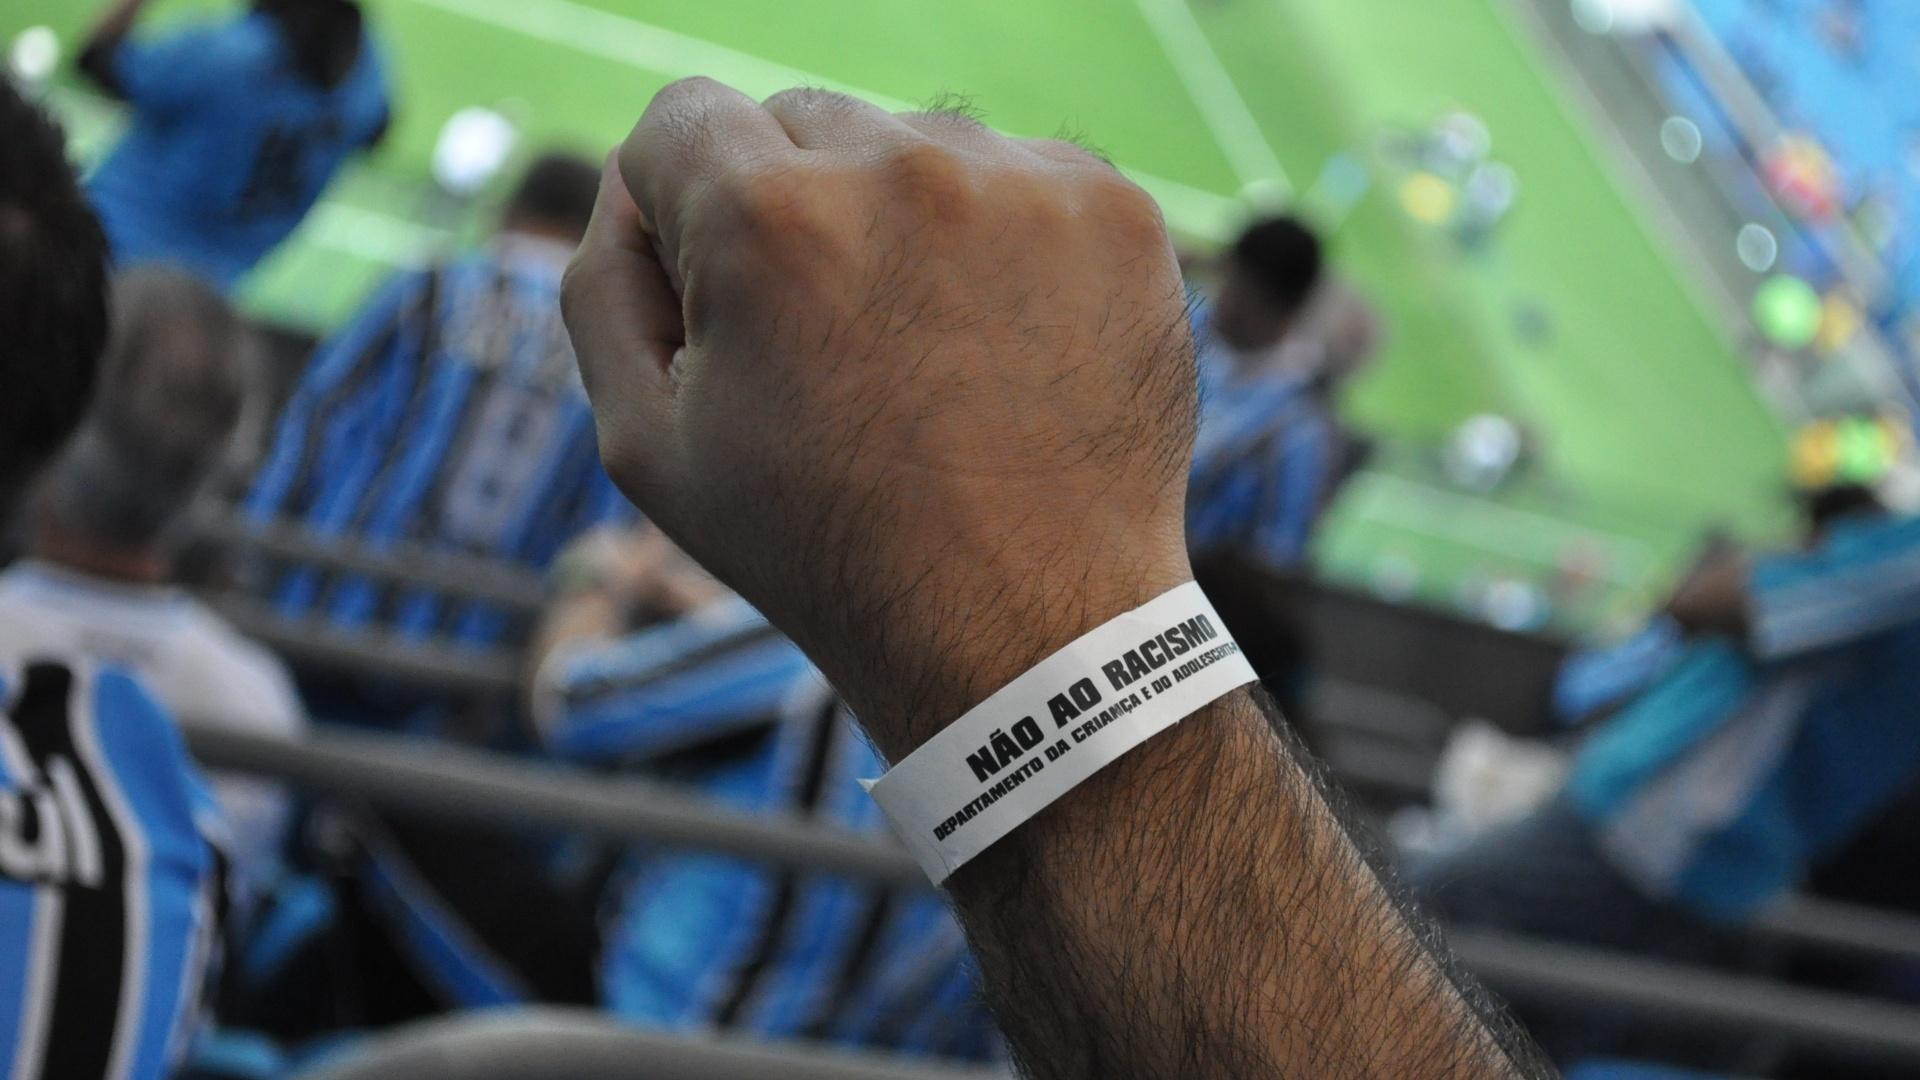 Torcedores do Grêmio usam pulseira contra o racismo em jogo contra o Santos